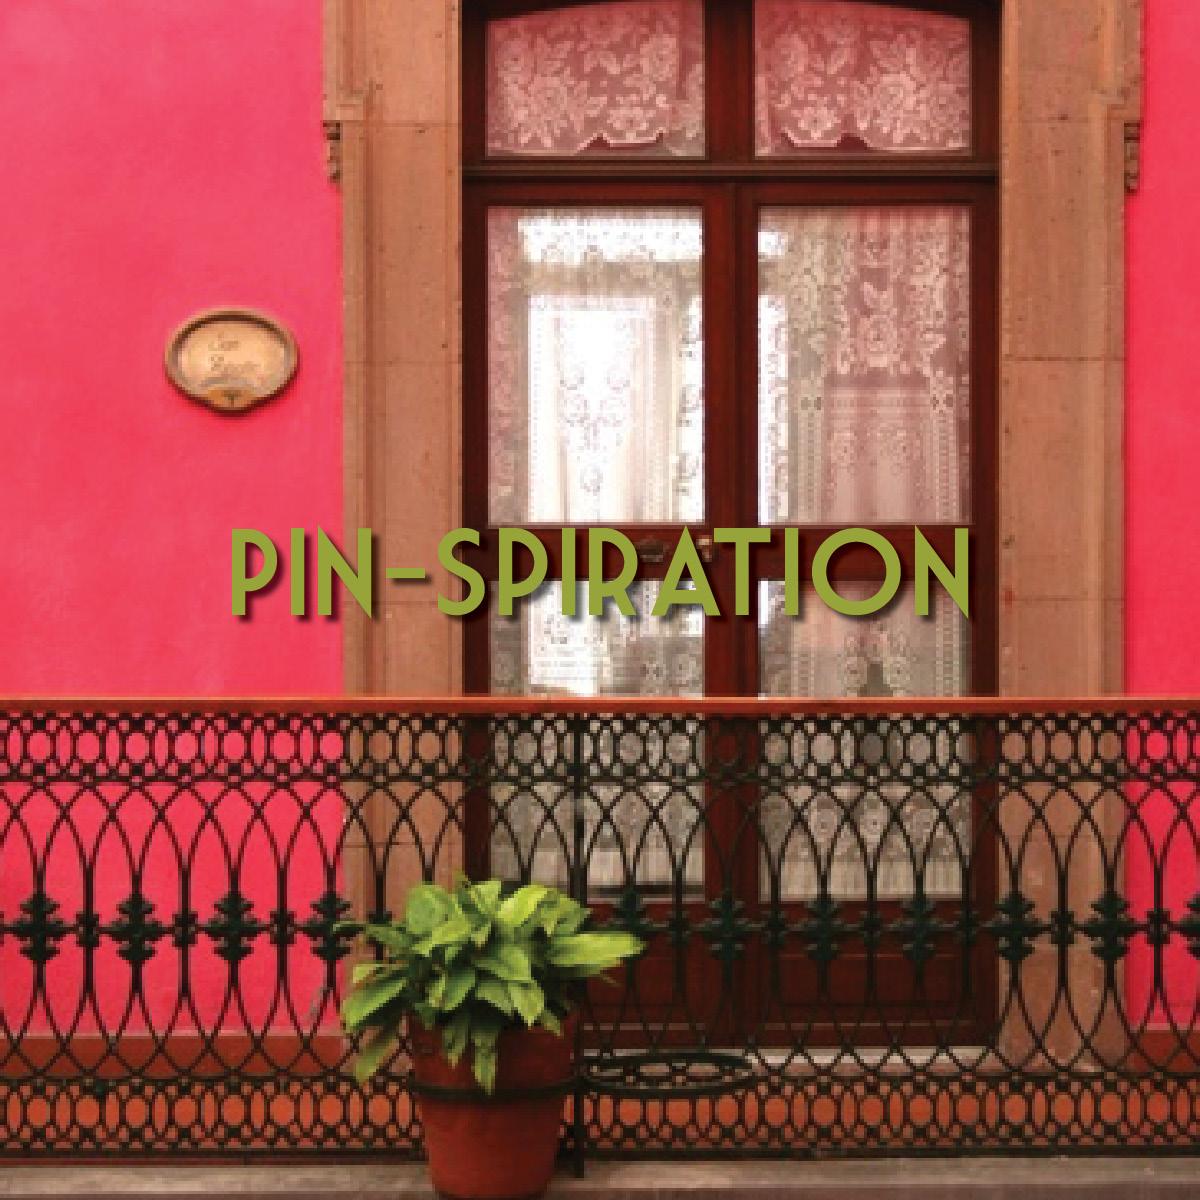 Pin-spiration